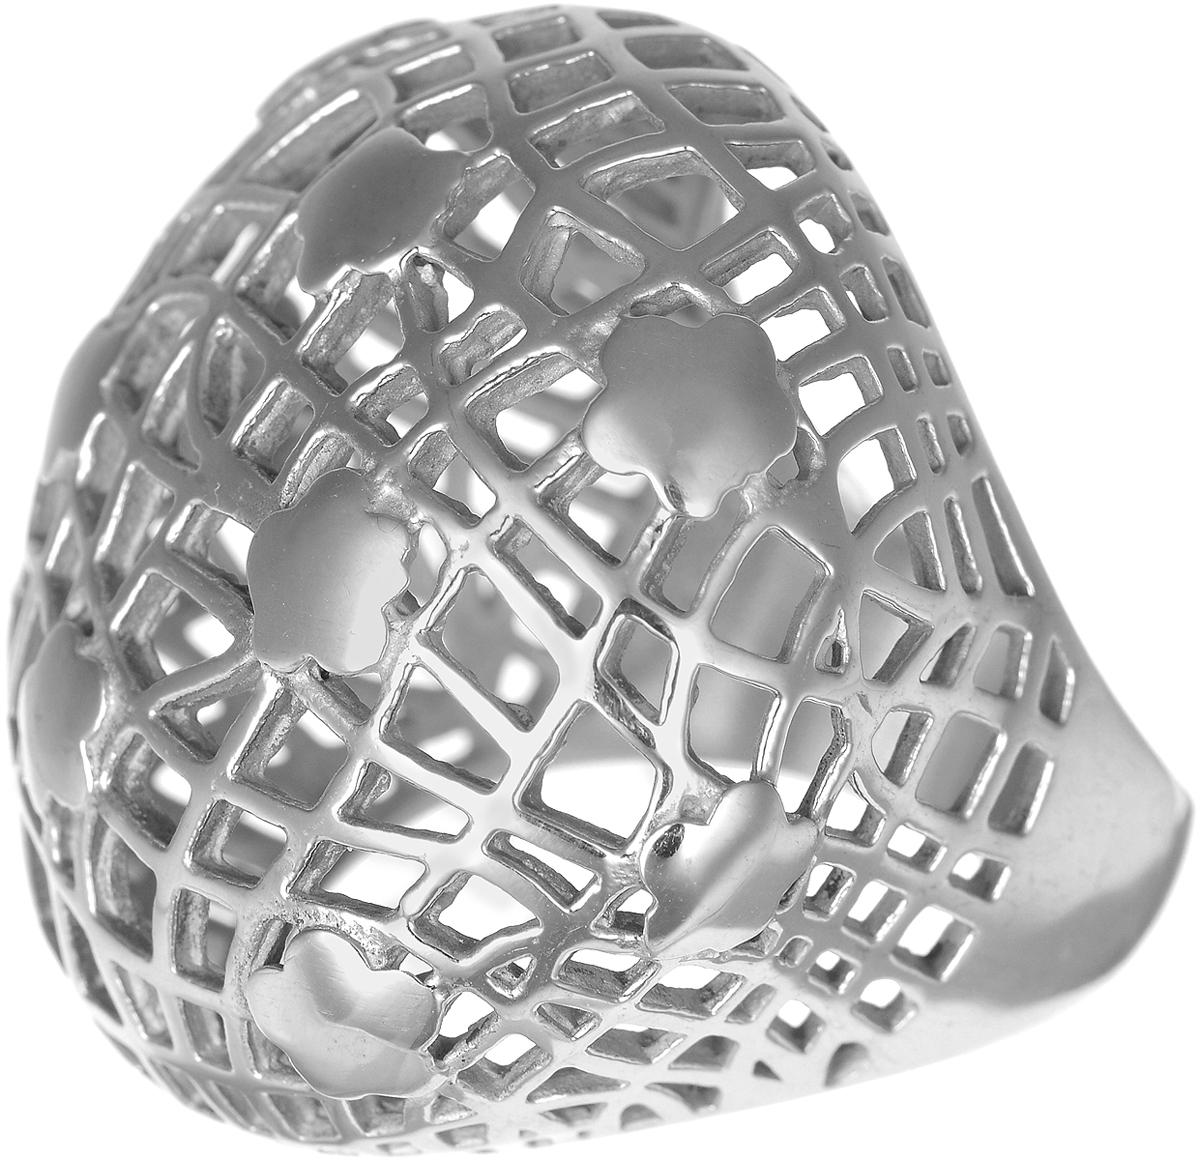 Кольцо Polina Selezneva, цвет: серебристый. DG-0001. Размер 19DG-0001Стильное кольцо Polina Selezneva изготовлено из качественного металлического сплава и выполнено в оригинальном дизайне. Массивное кольцо оформлено резным узором.